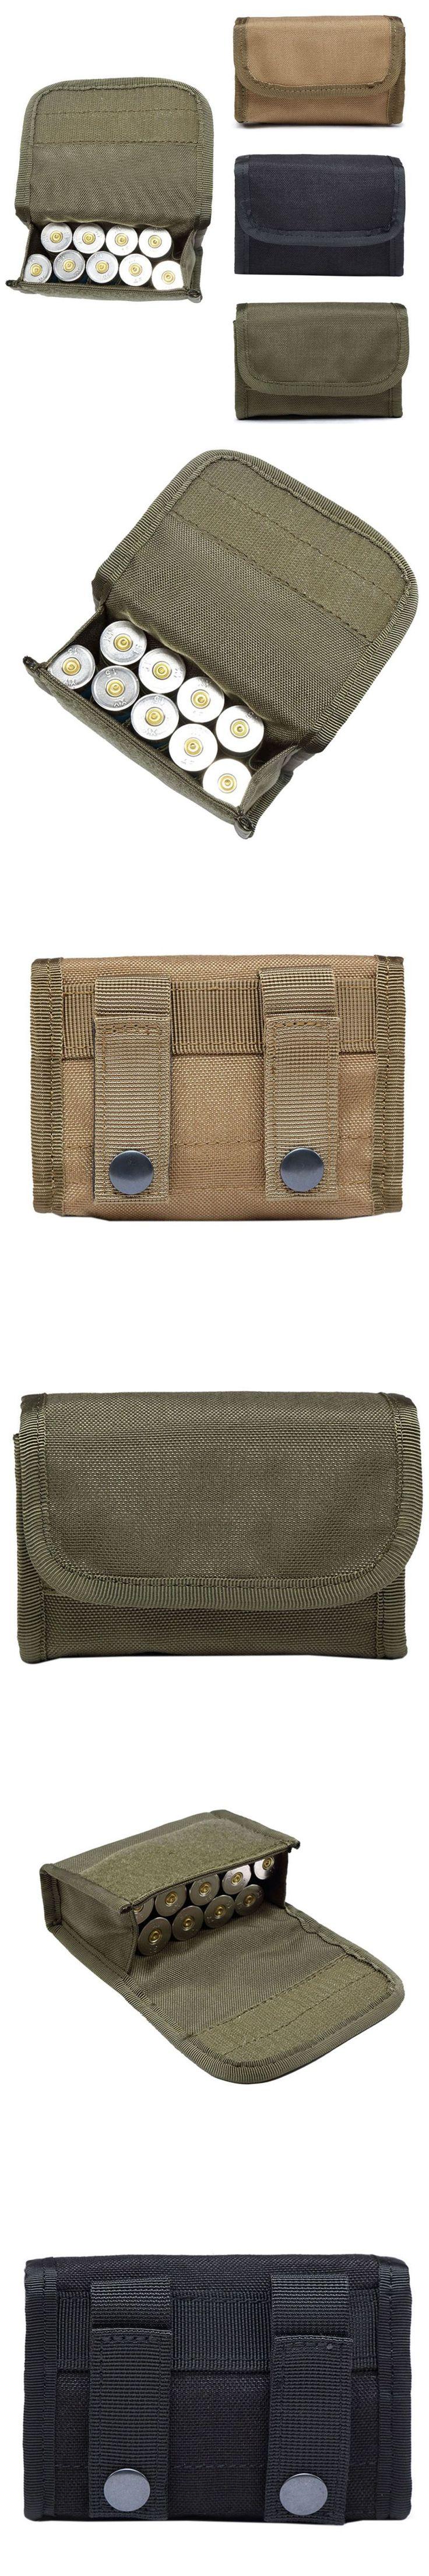 Outdoor Tactical 10 Round Shotgun Shotshell Reload Holder Molle Pouch 12 Gauge/20G Magazine Pouch Ammo Round Cartridge Holder